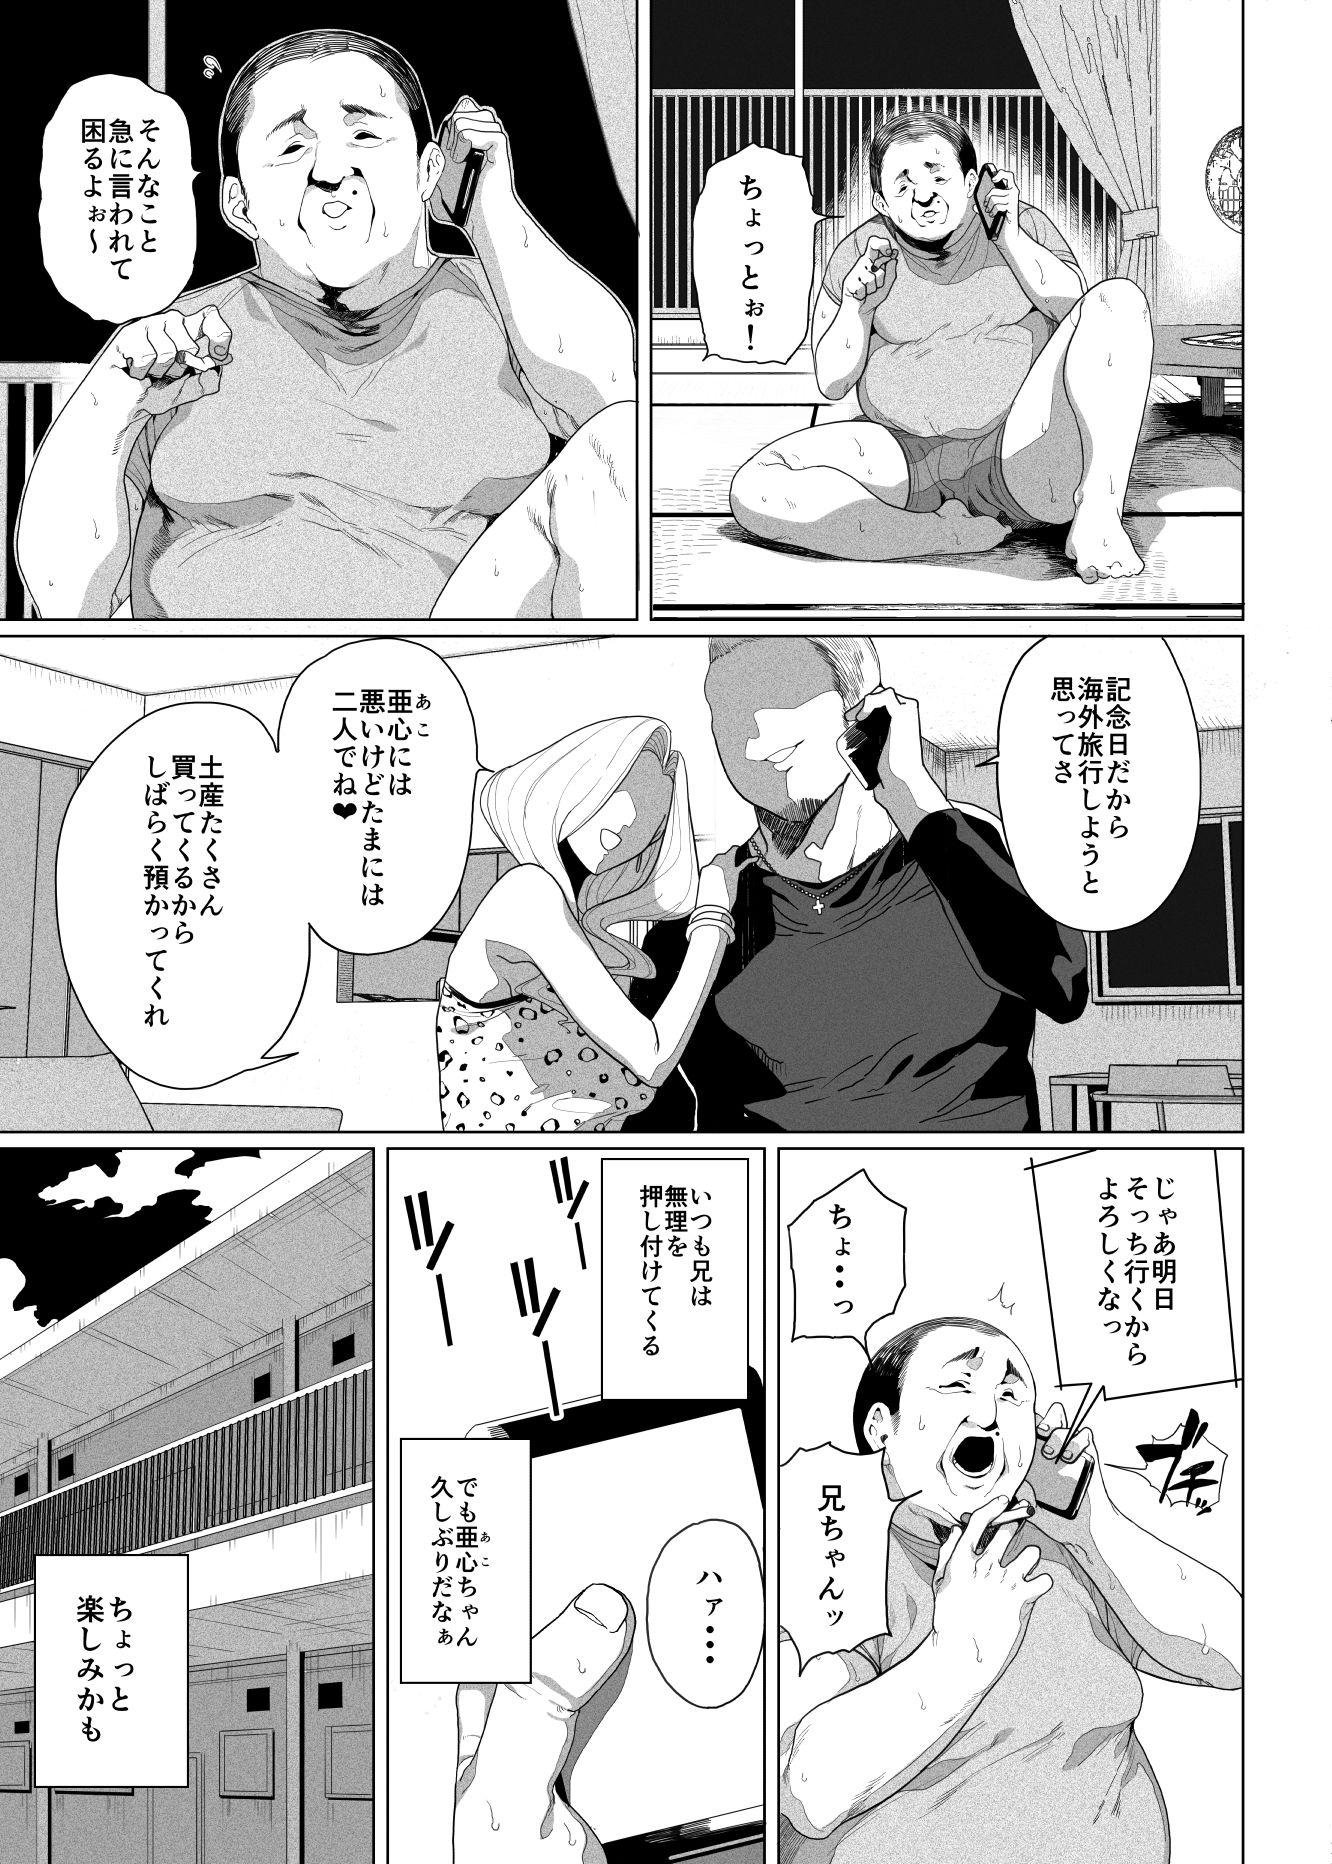 【エロ漫画無料大全集】生意気な姪はカラダでわからせるしかないよなwww